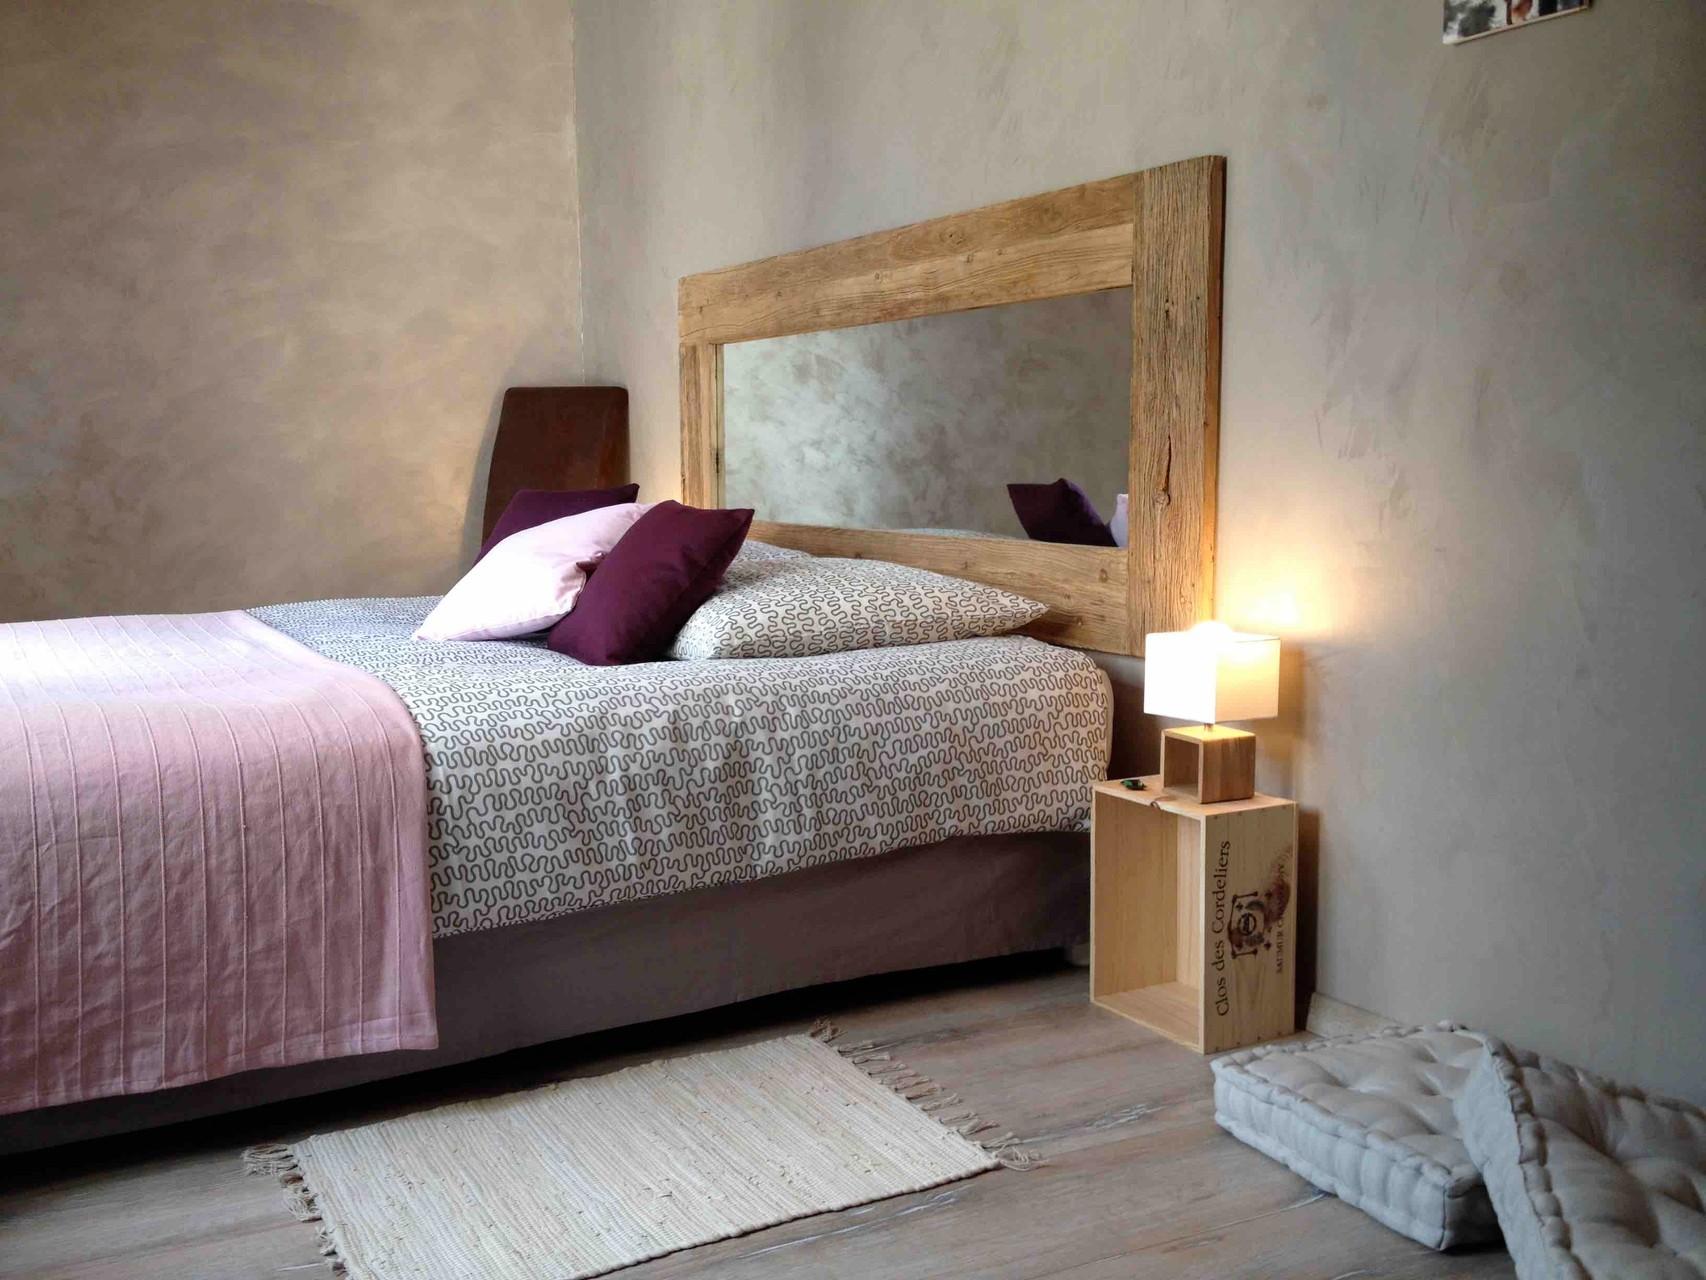 Elternschlafzimmer 1,60*2m, Schrank